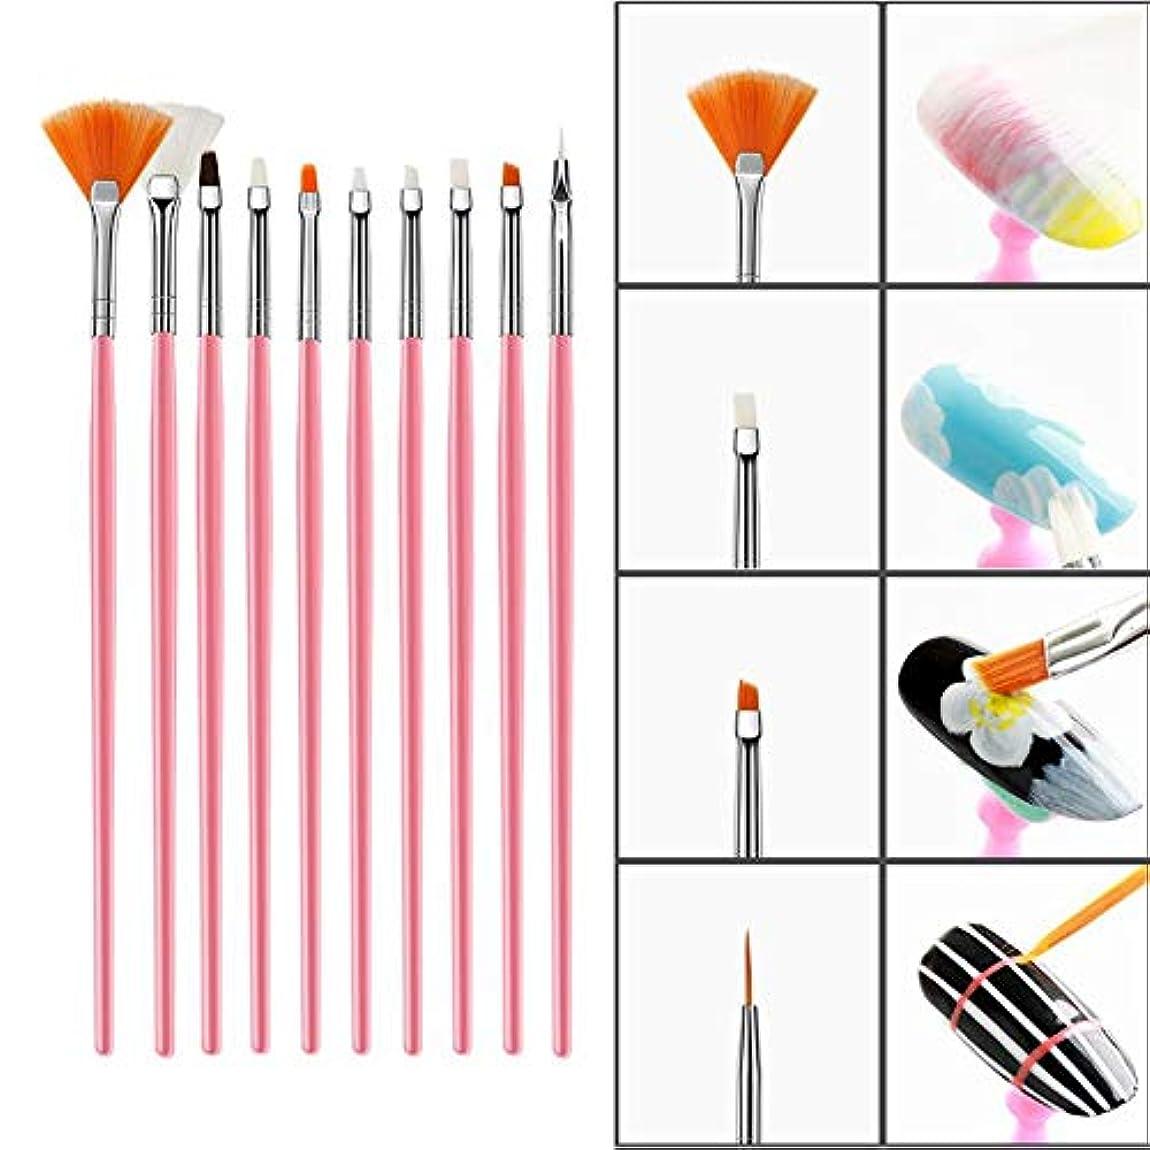 15個 ネイルアートブラシセット DIY ネイルアートデザイン用 ナイロンファイバー UVジェルカービングペン ネイルスティックラインストーン、ドットと描画ライナー(1)